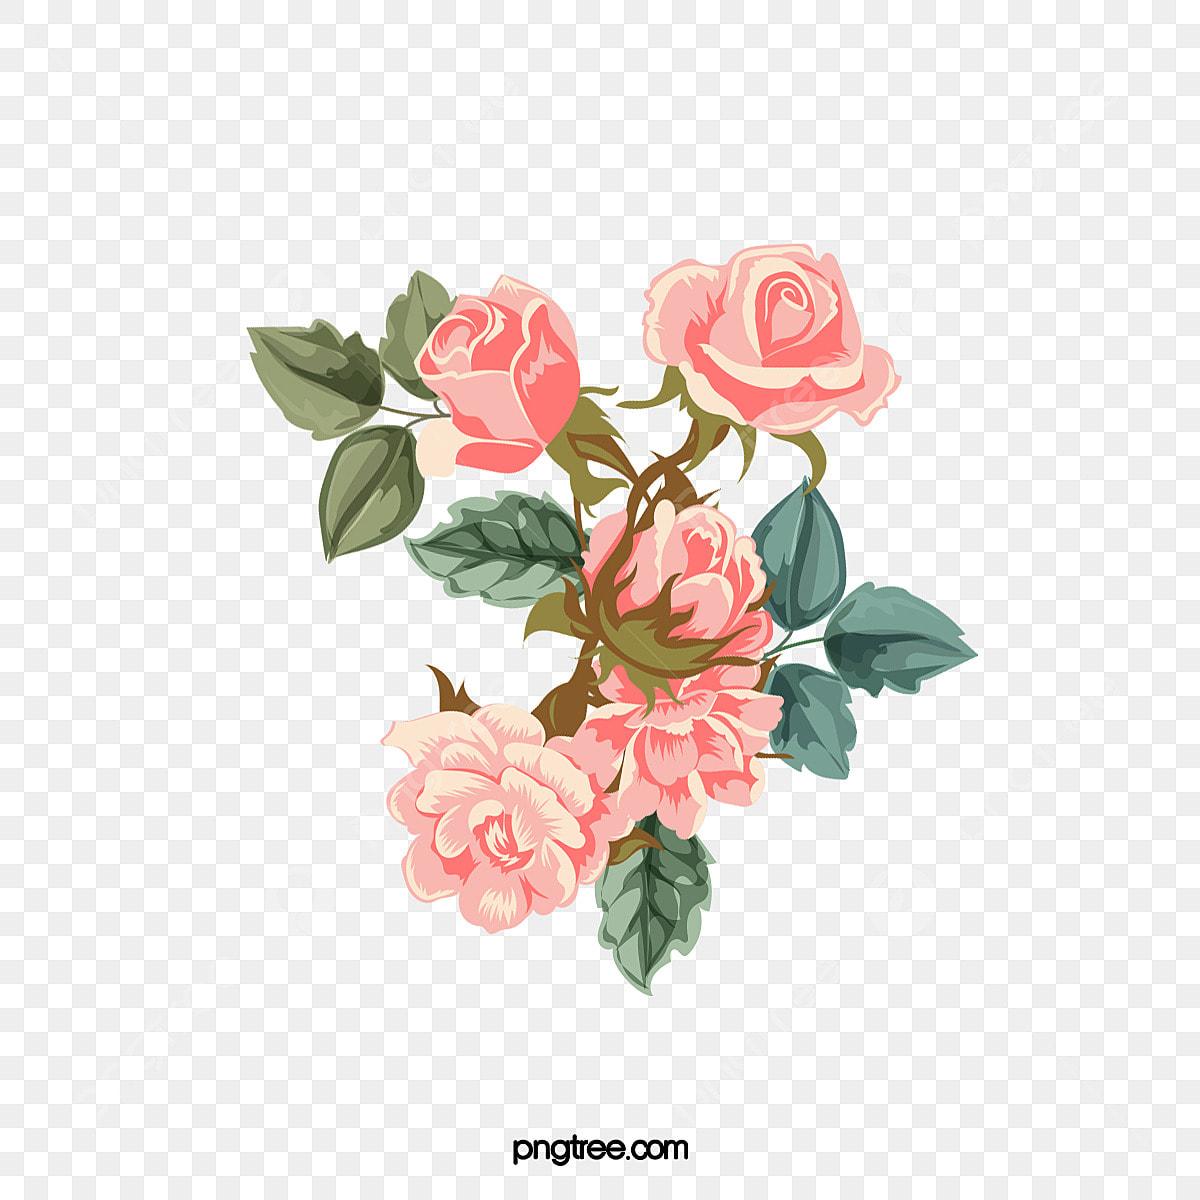 Mao De Desenho Animado Desenhado Ilustracao Delicada De Flores